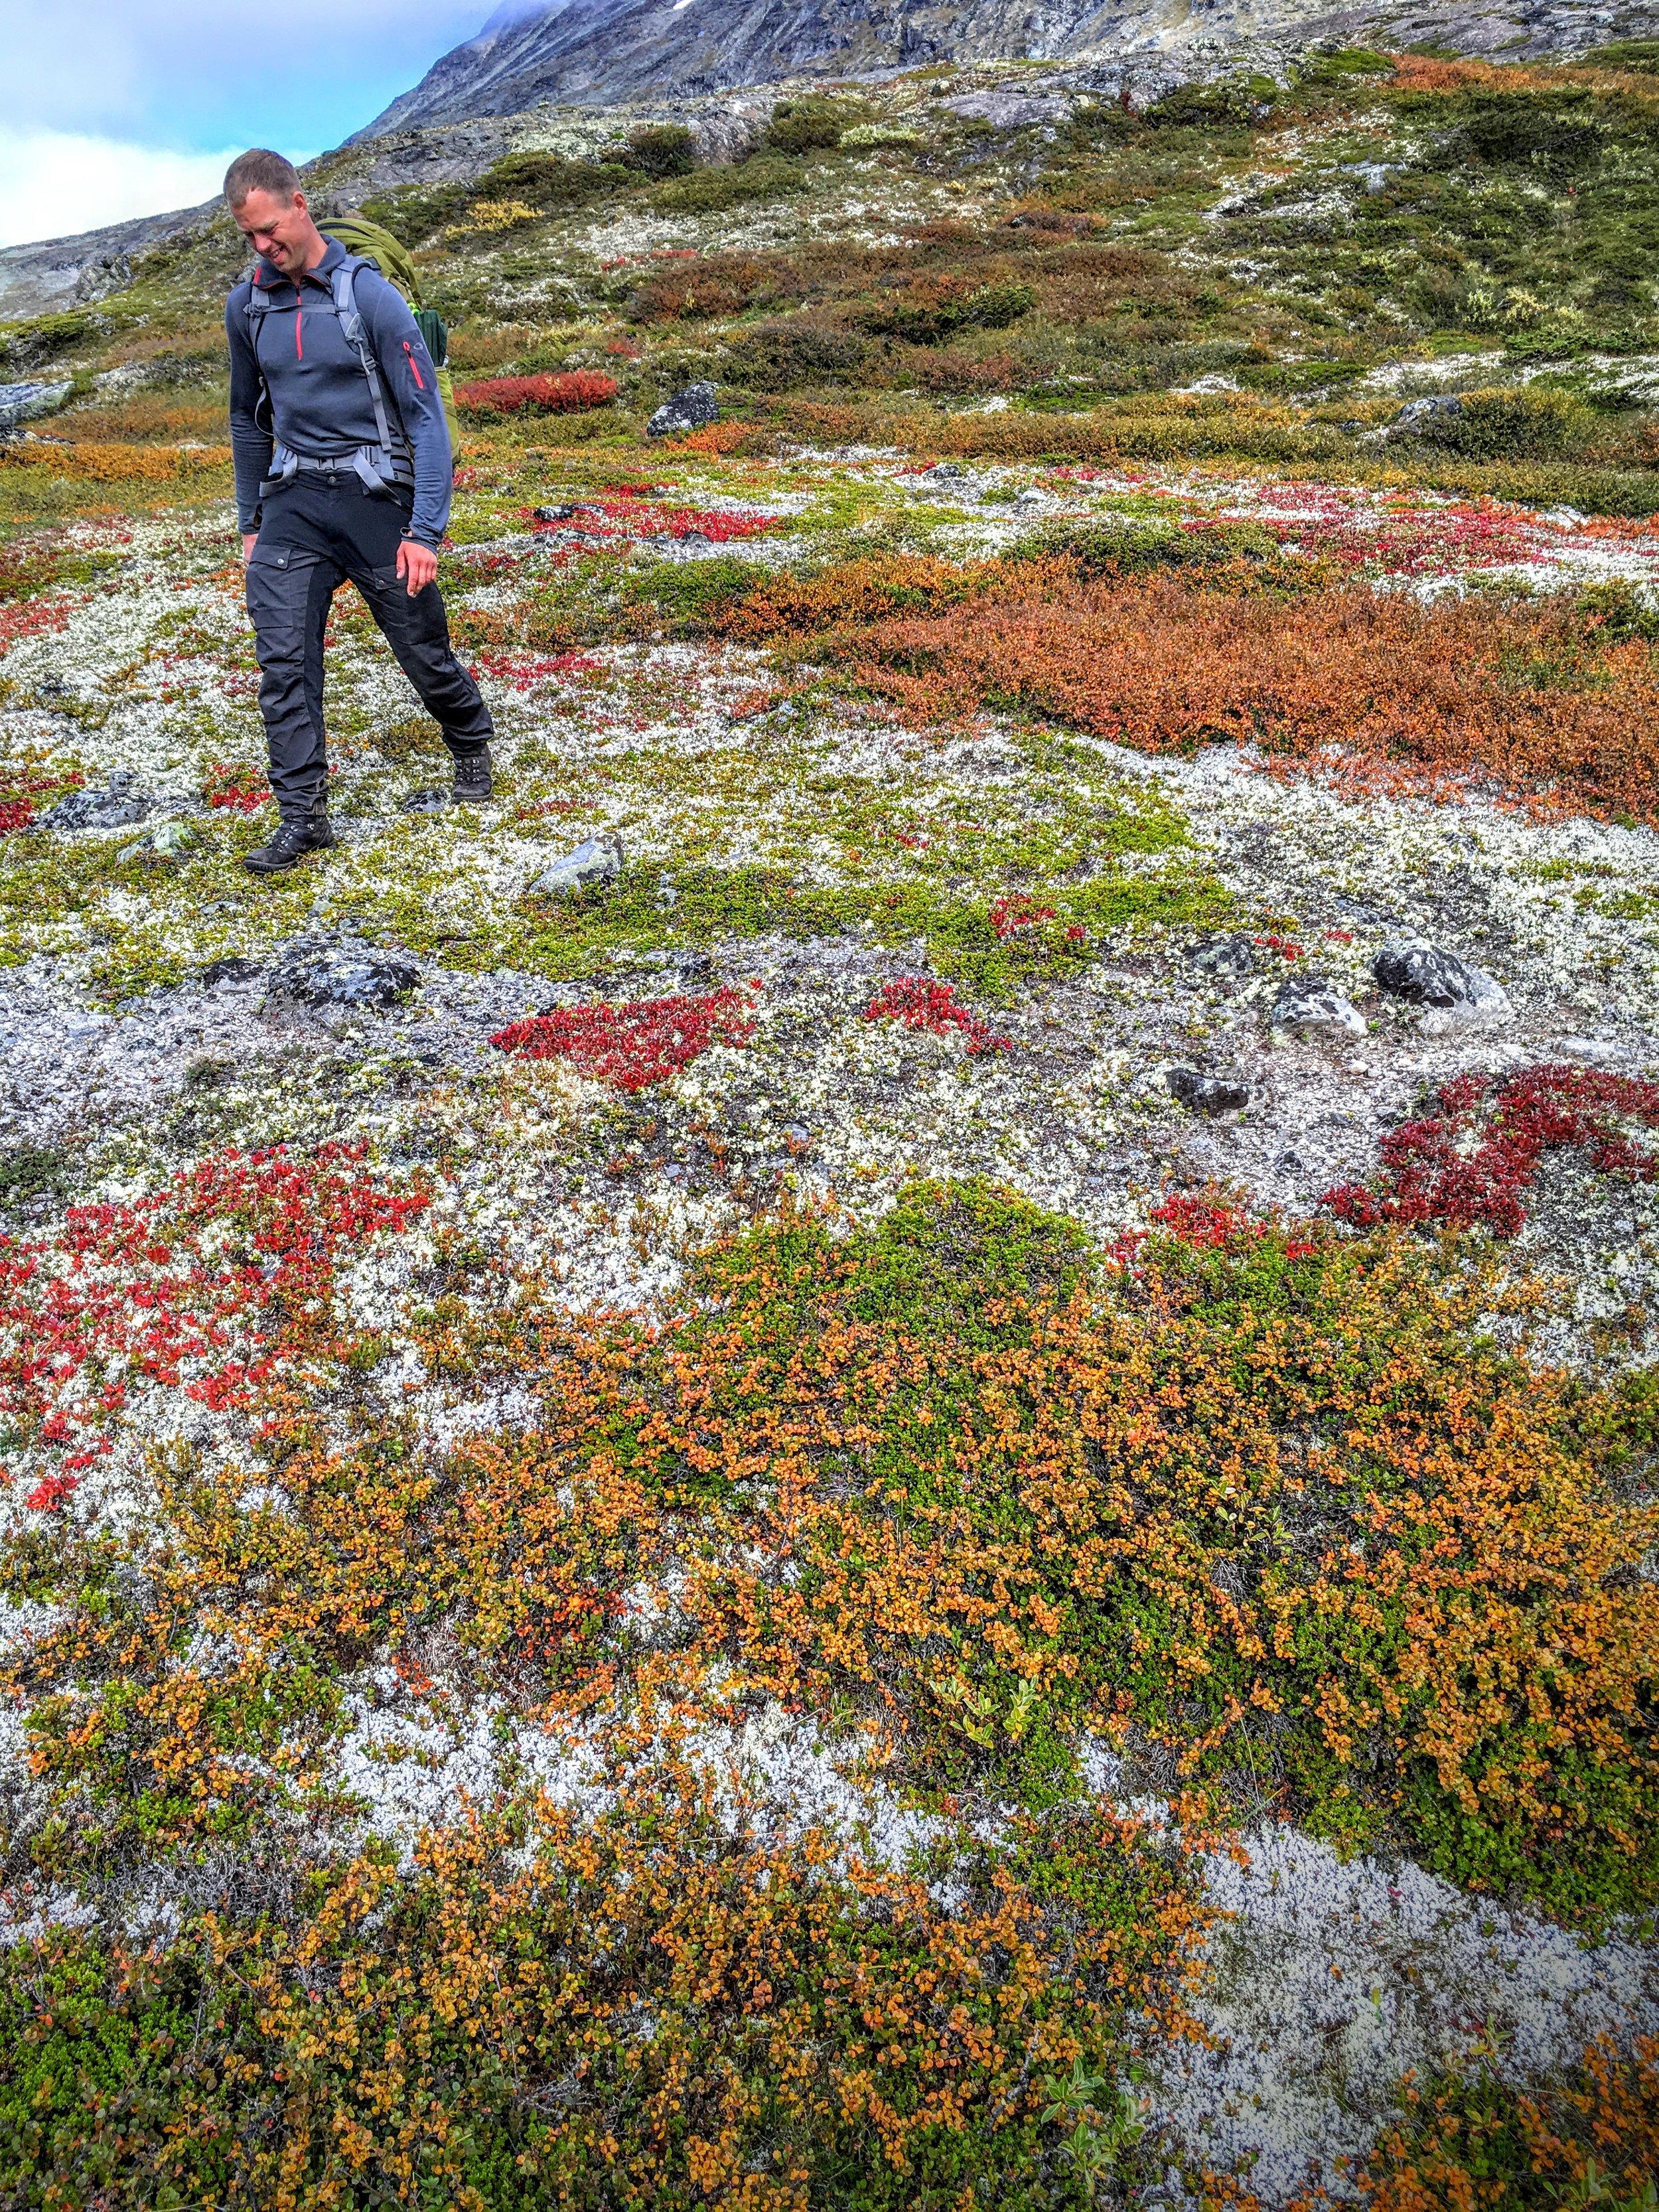 Efterårsfjeldets forskellige farver